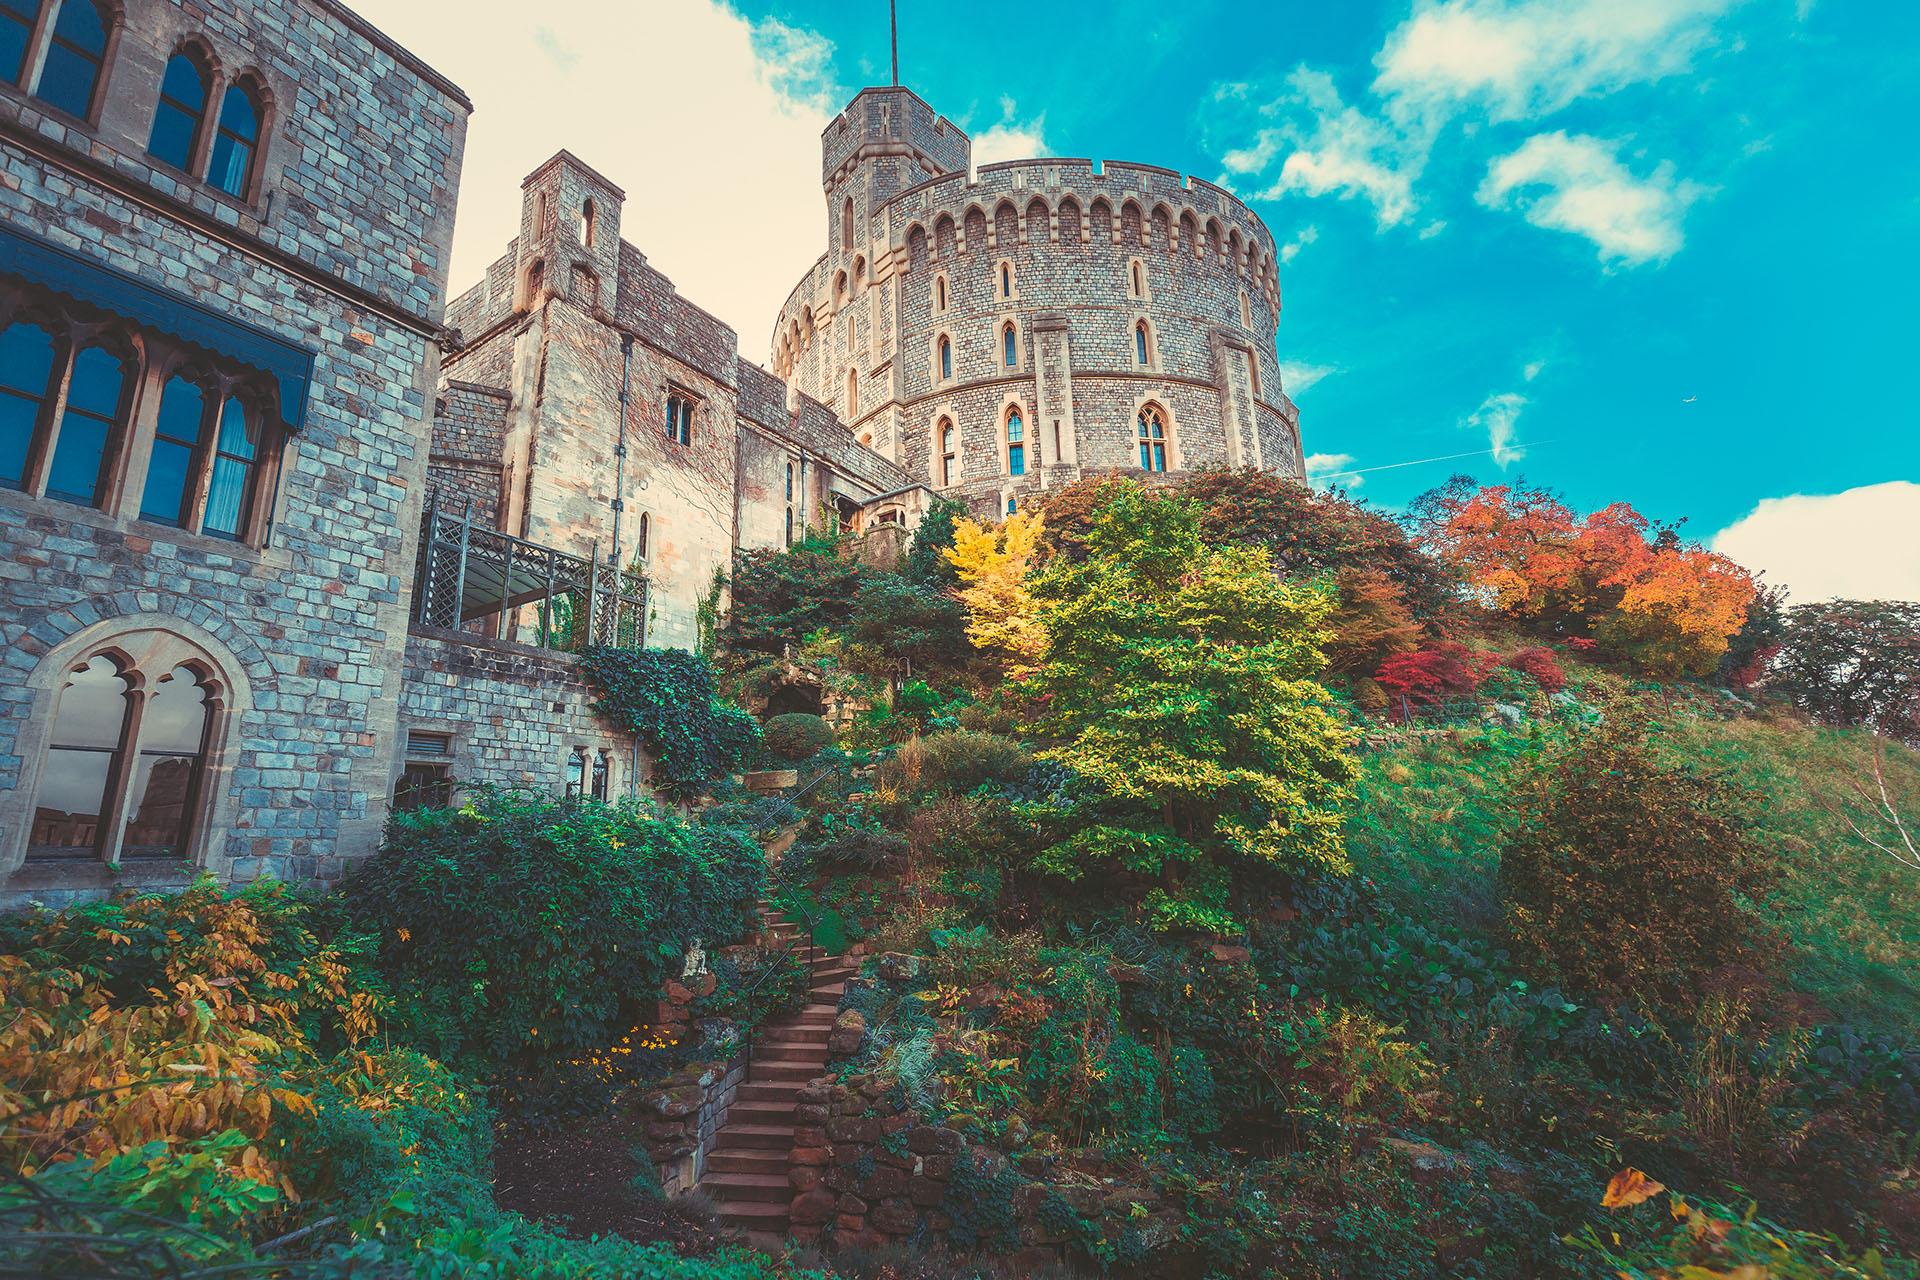 En el corazón del castillo de Windsor se halla el Recinto Central, amurallado en torno a una colina artificial en el centro mismo del recinto. La mota tiene quince metros de altura y está hecha de piedra caliza excavada originalmente del foso circundante